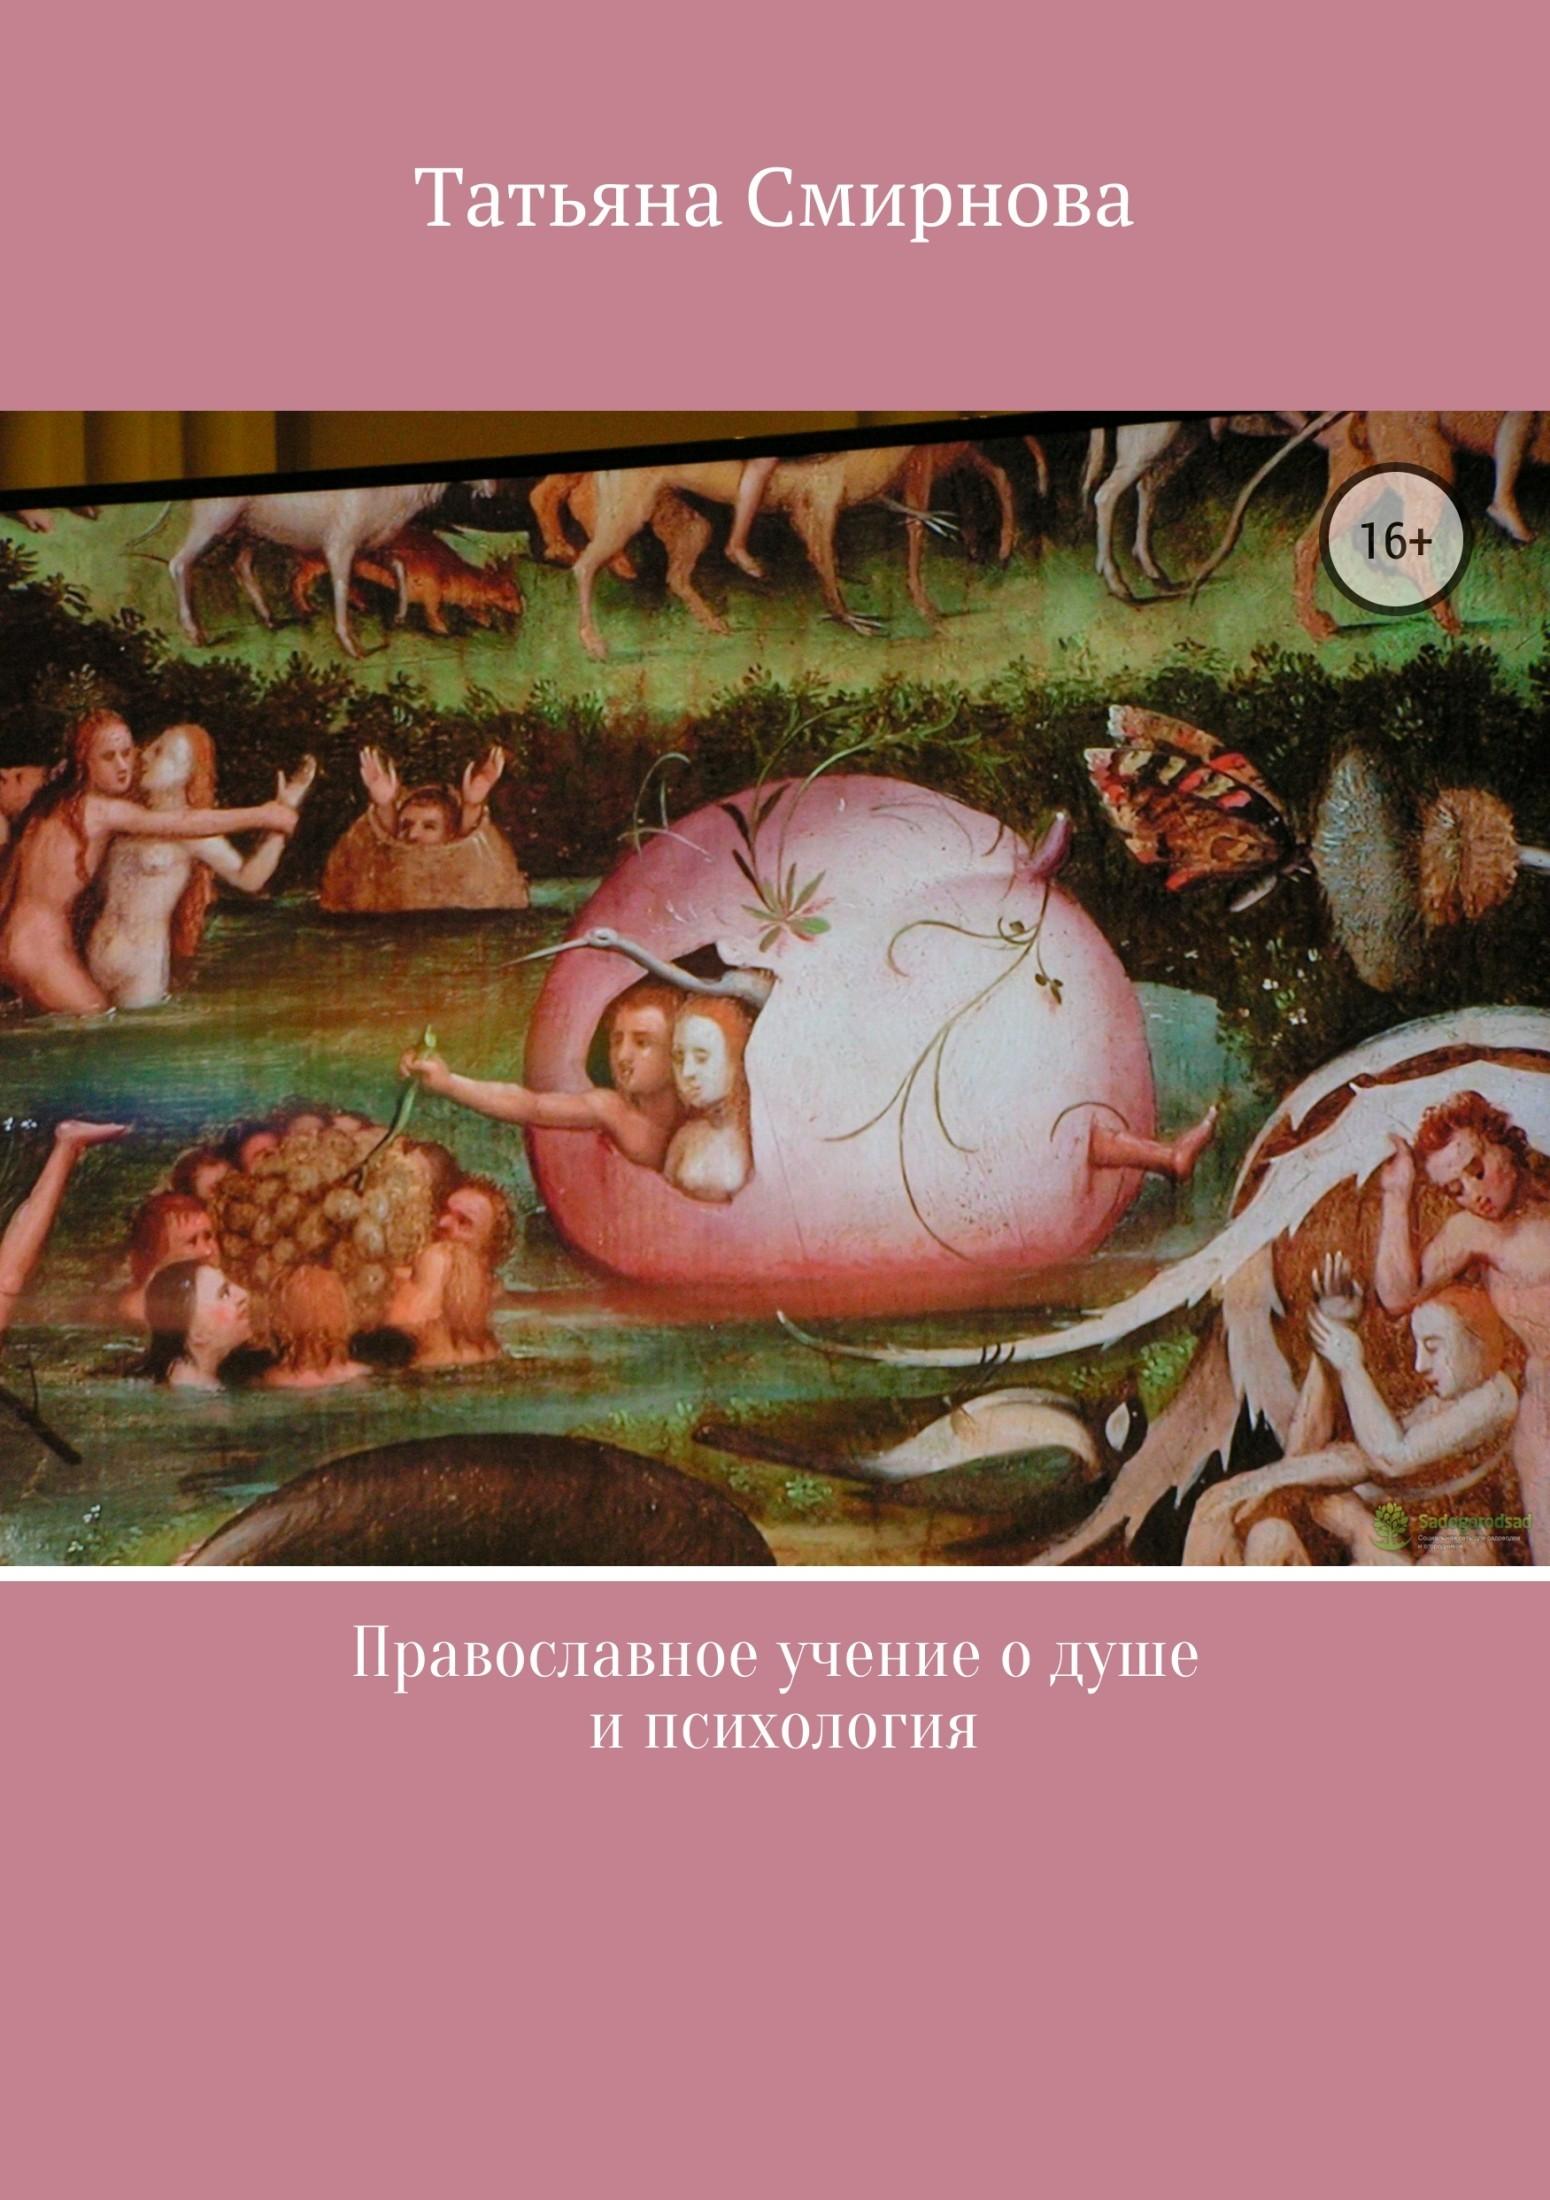 Татьяна Андреевна Смирнова Православное учение о душе и психология свитшот print bar иероним босх сад земных наслаждений